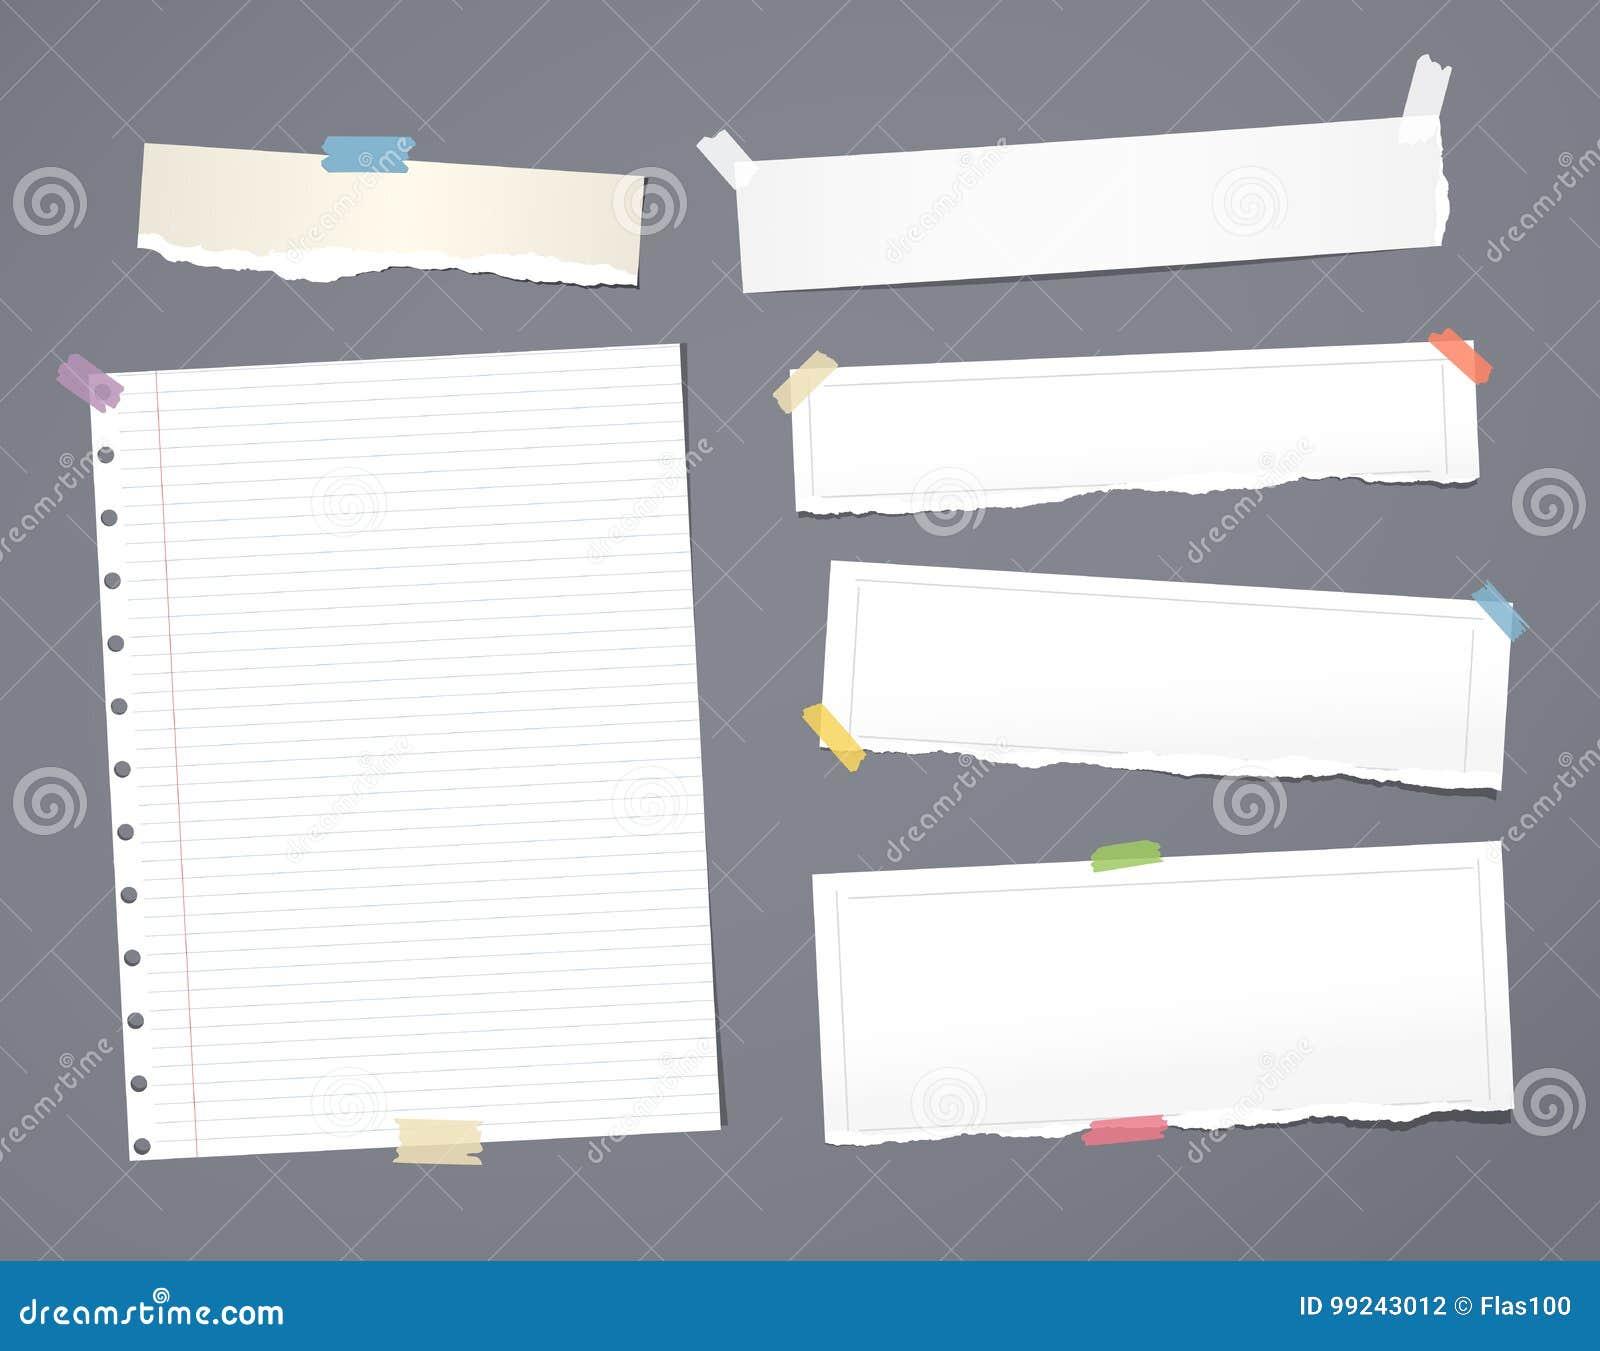 Het witte gestreepte notadocument, voorbeeldenboek, notitieboekjeblad plakte met plakband op donkergrijze achtergrond